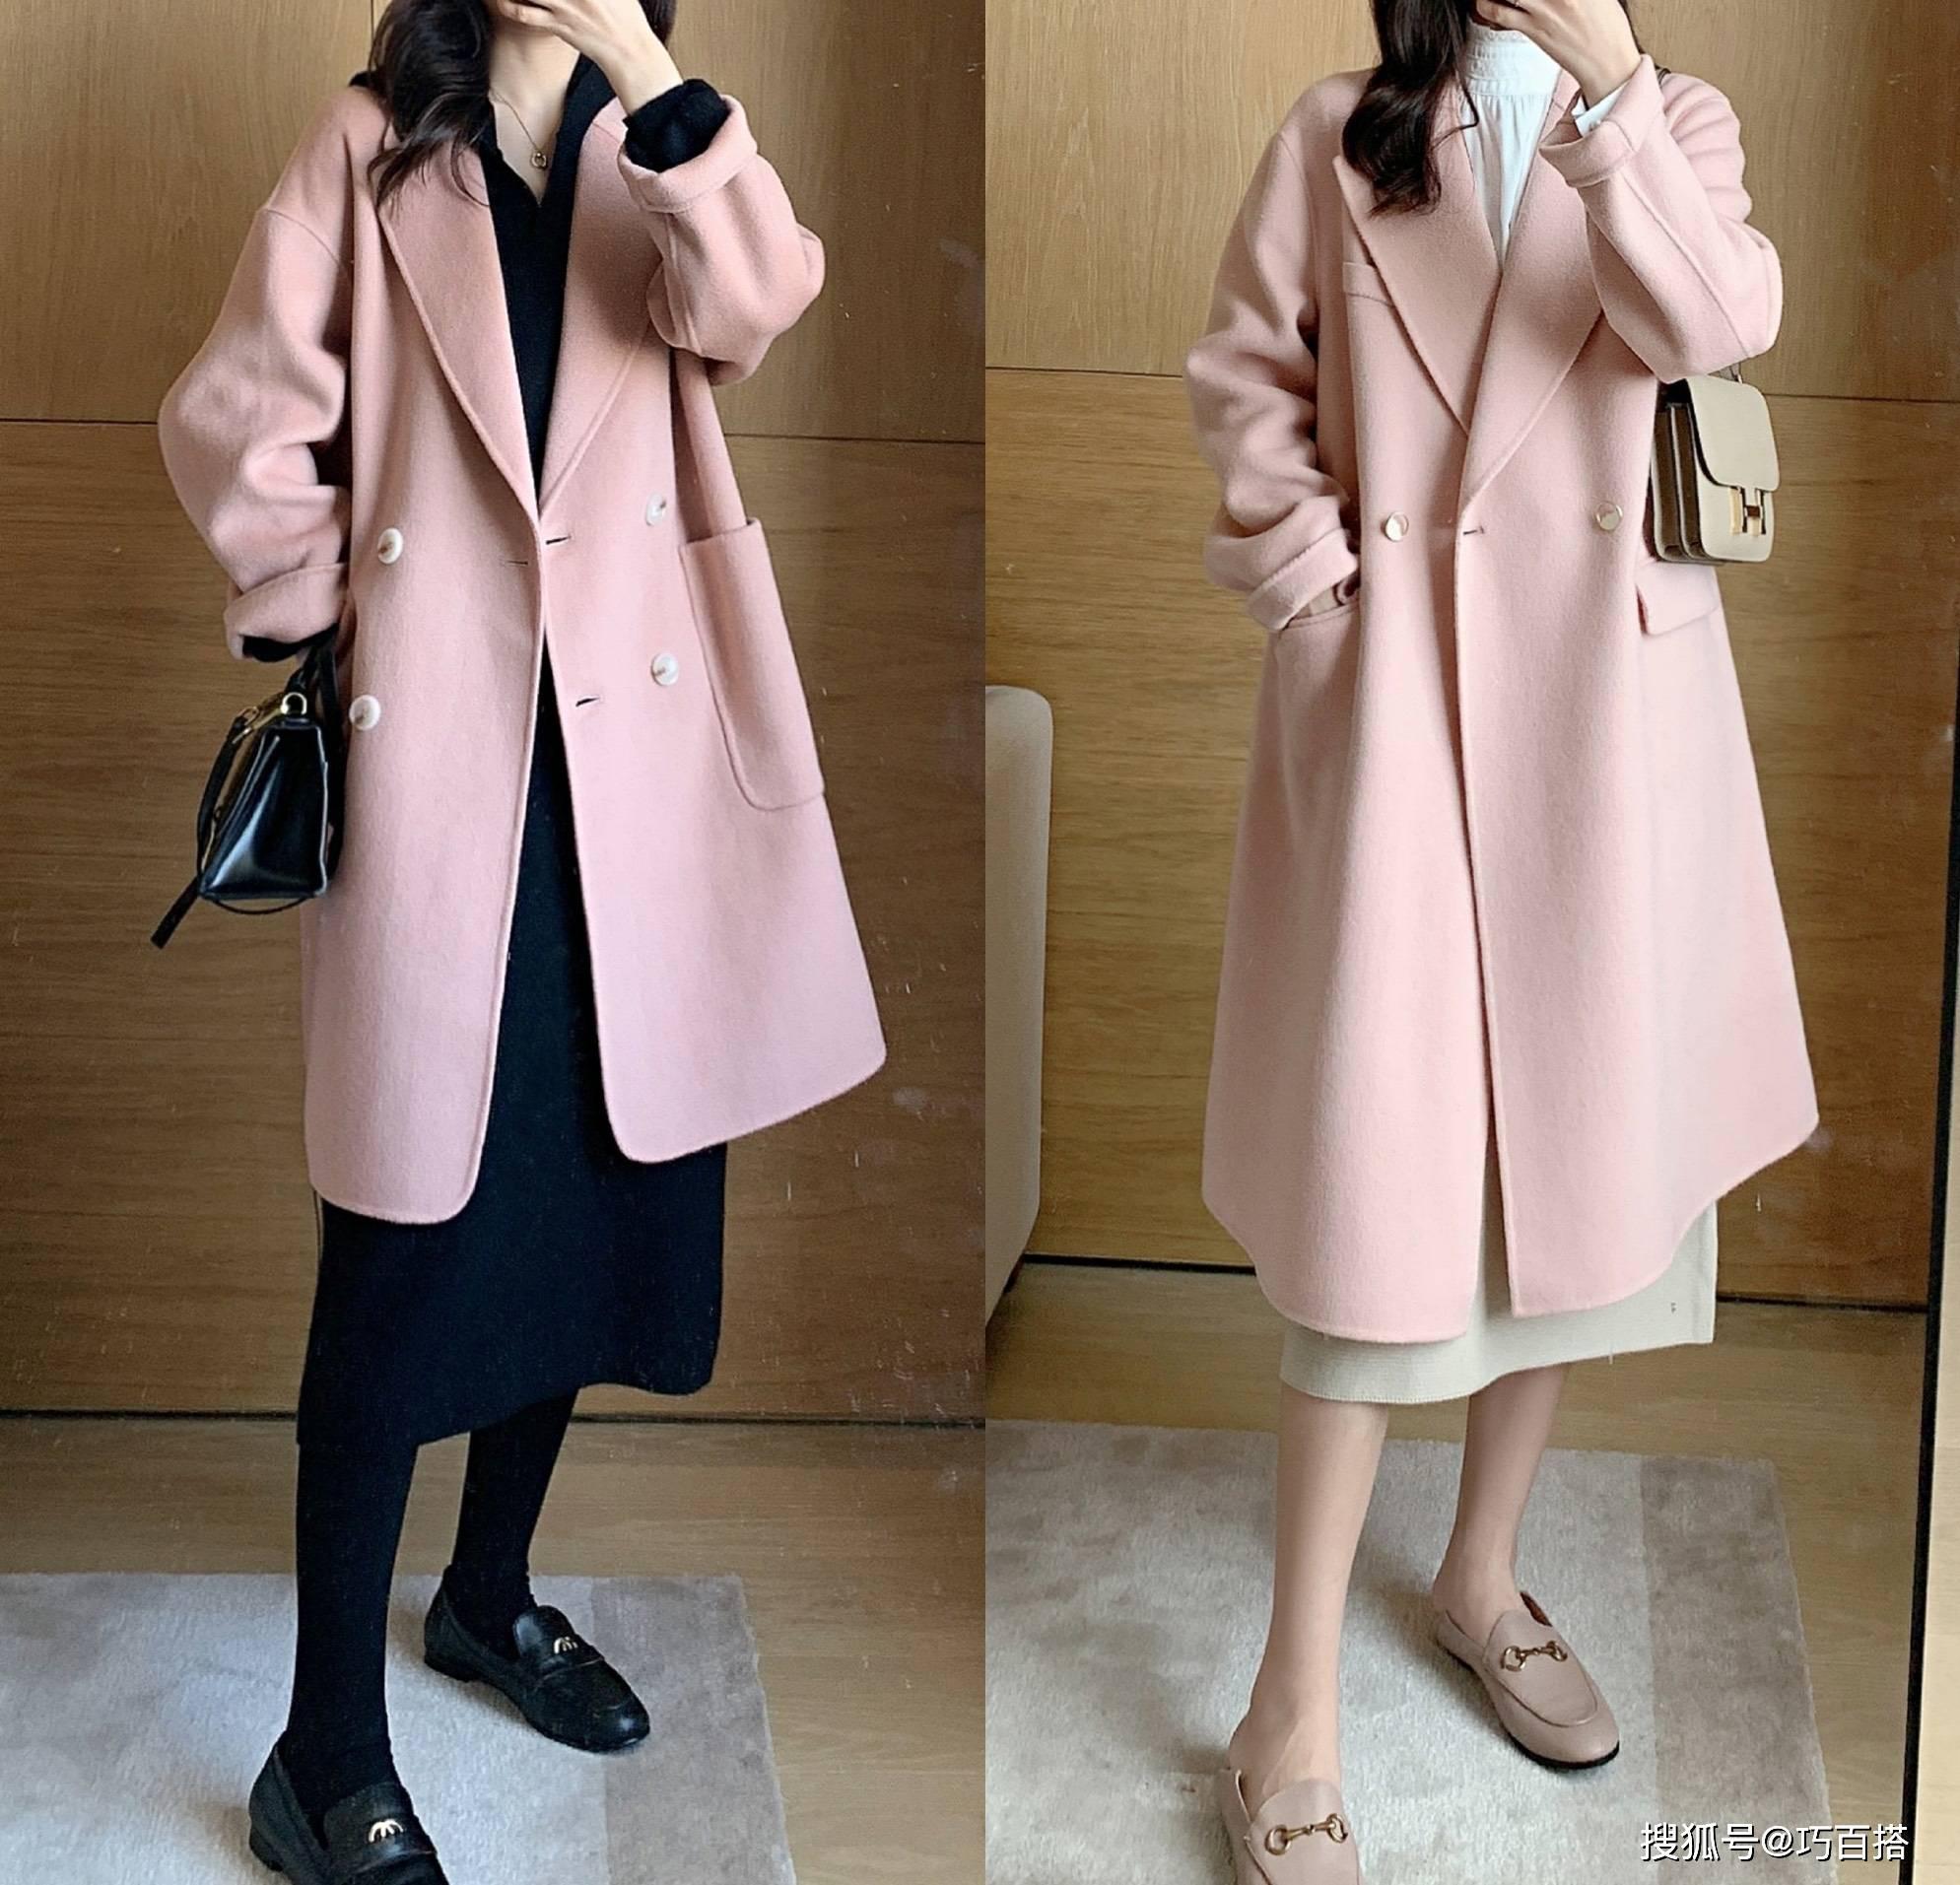 原配美女穿呢子大衣,粉色呢子大衣甜美值得体验